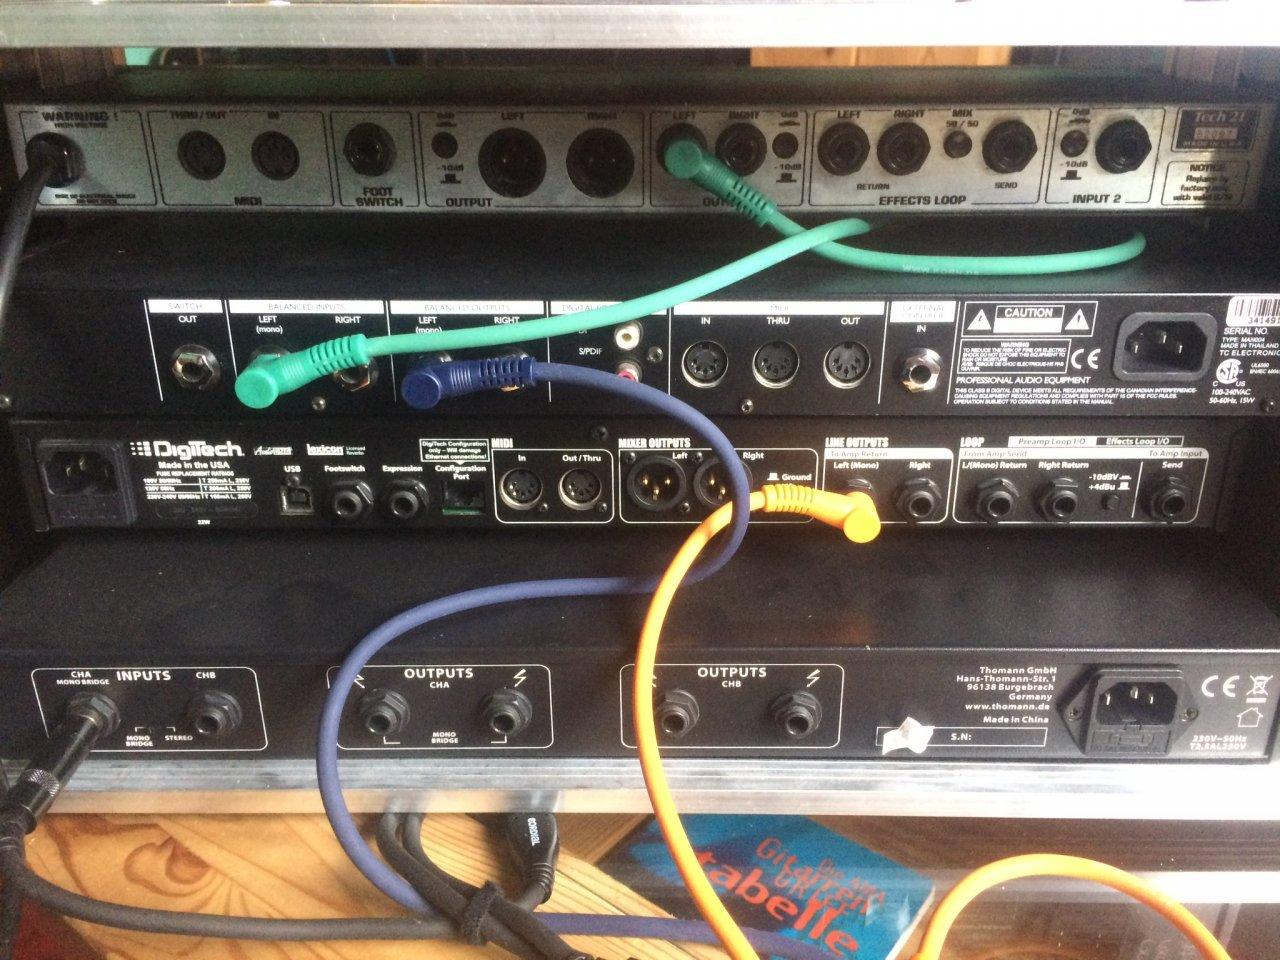 Hilfe bei Verkabelung meines Racks | Musiker-Board